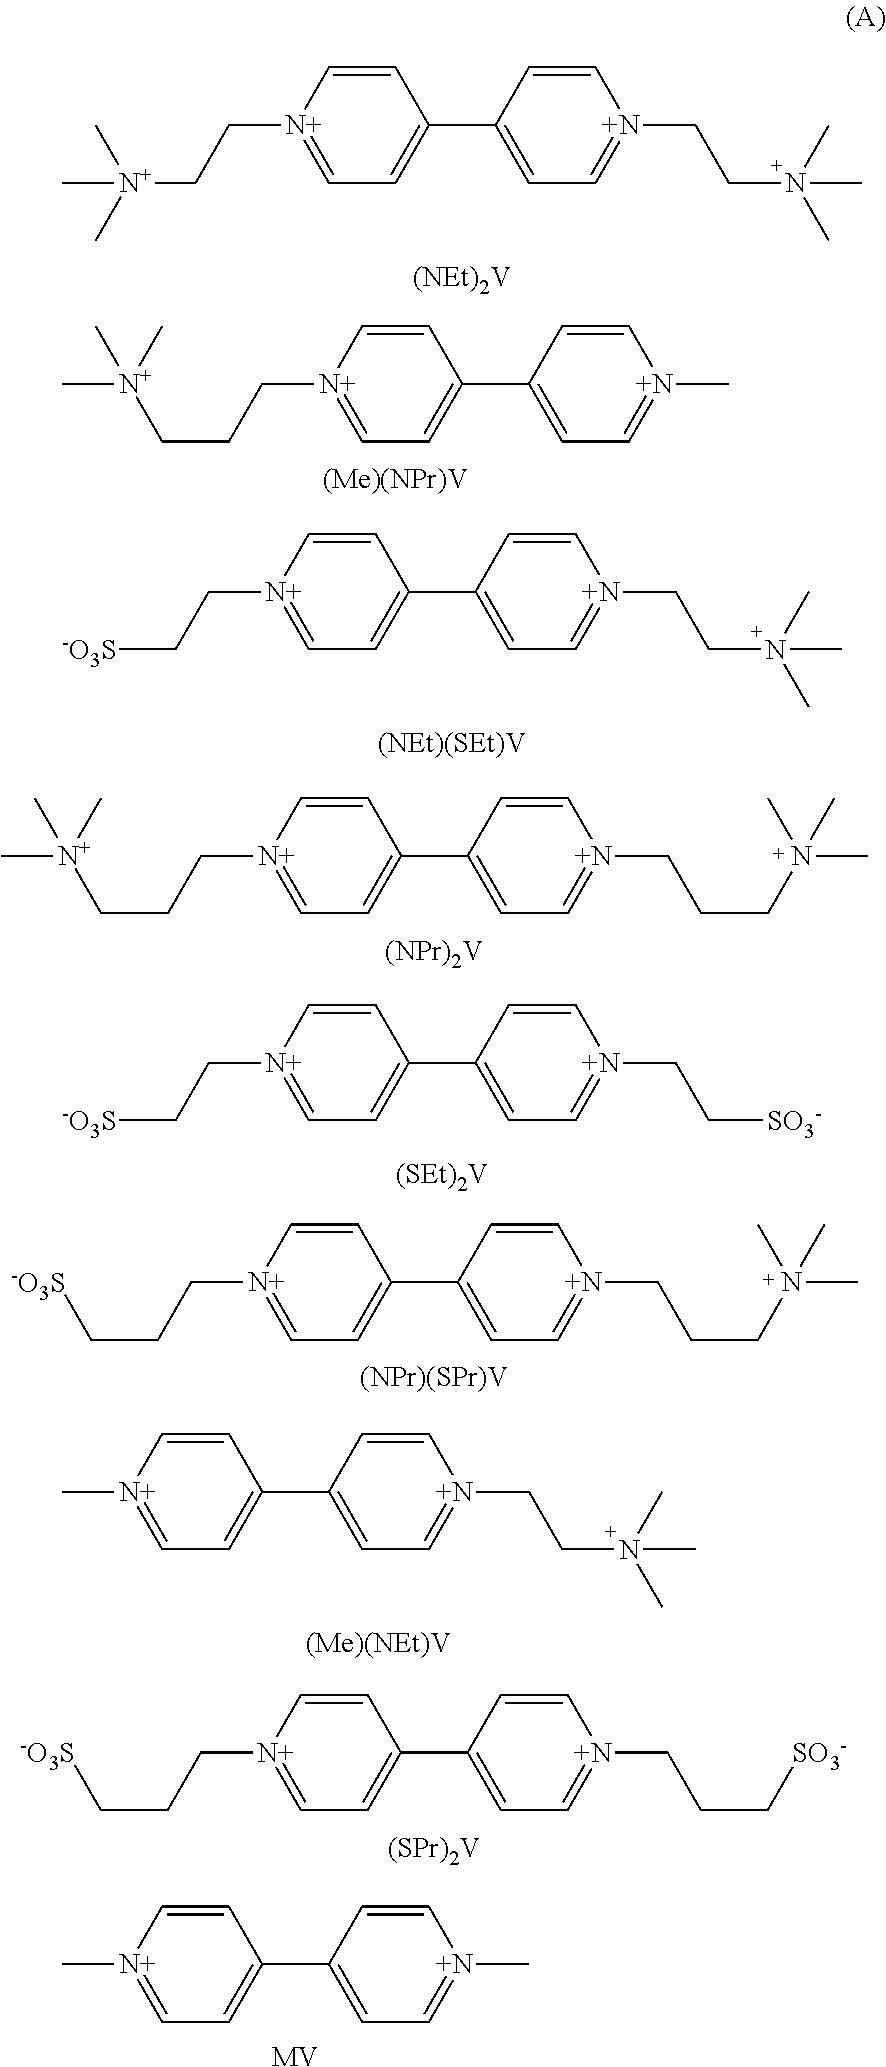 Figure US20180072669A1-20180315-C00047